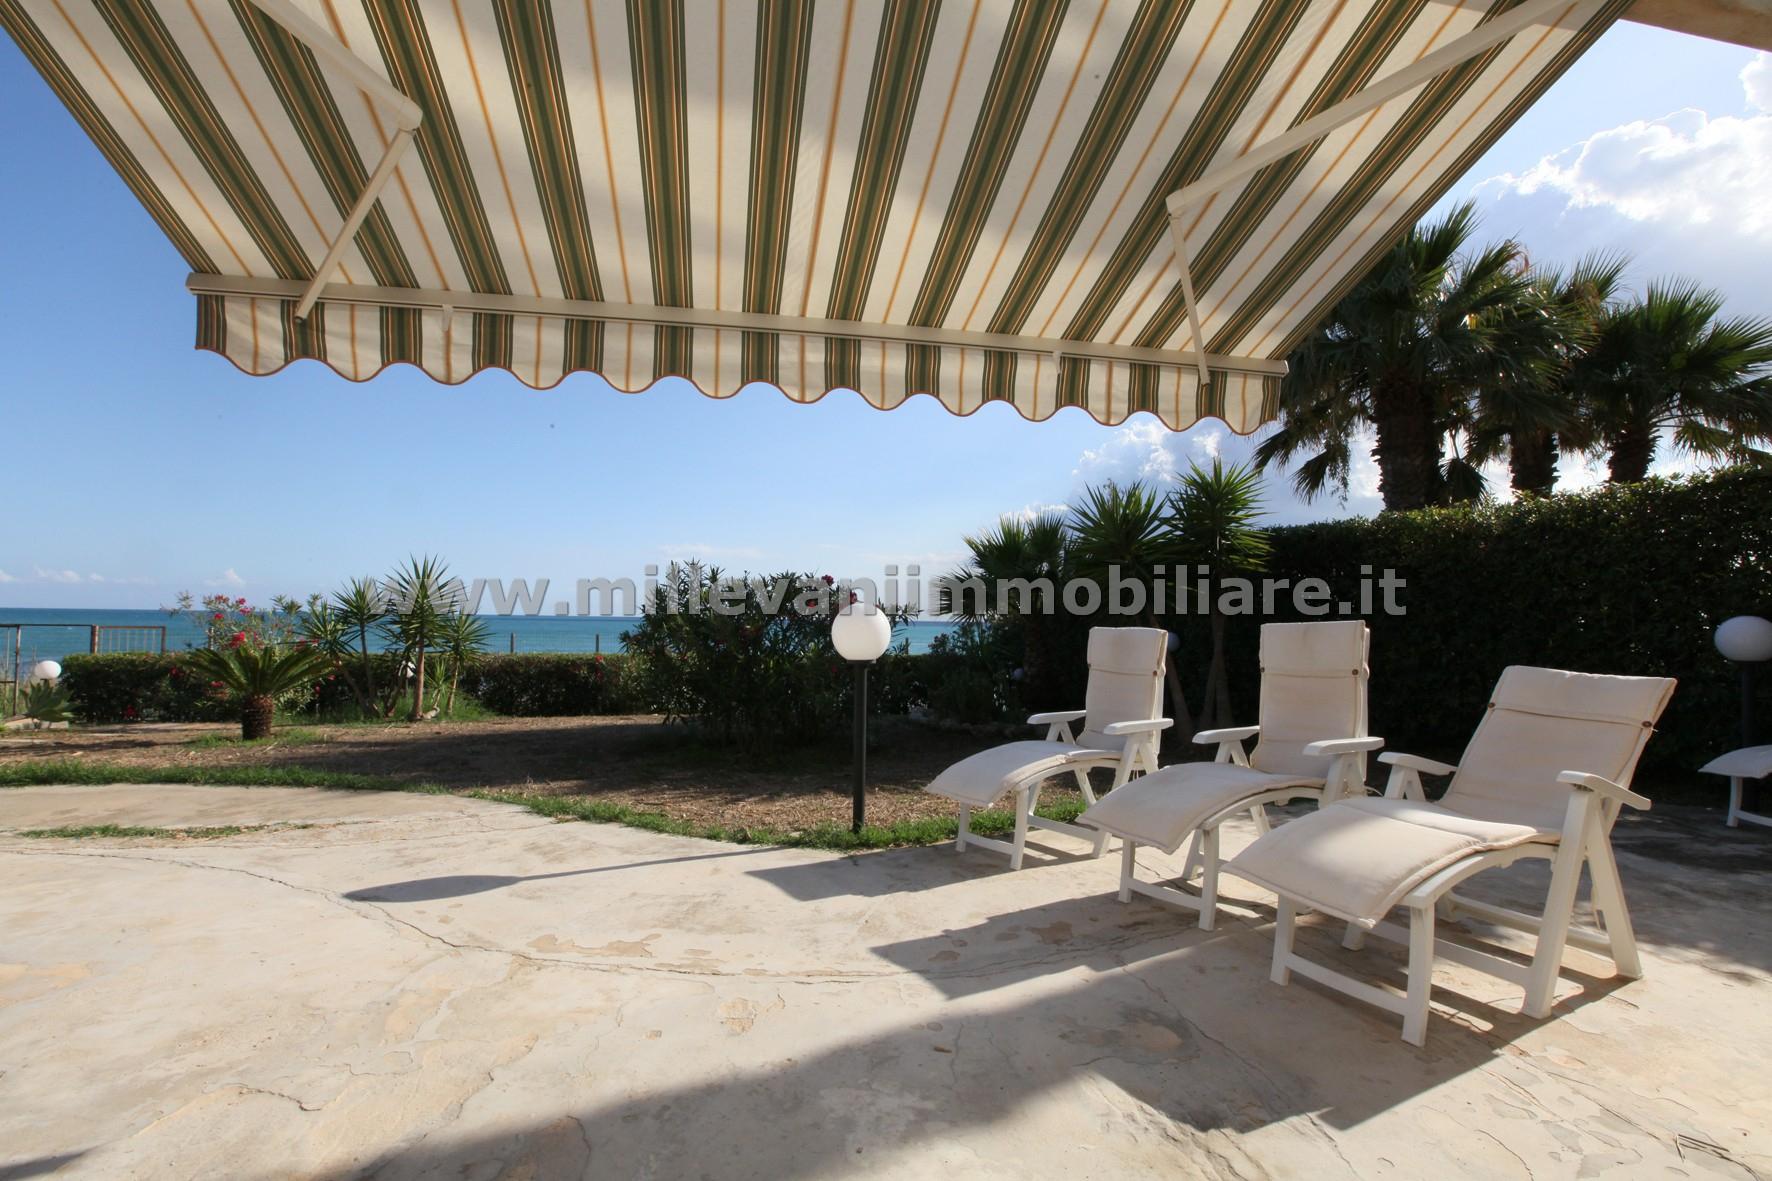 Appartamento in affitto a Pozzallo, 1 locali, zona Località: SecondoScivolo, prezzo € 1.200 | PortaleAgenzieImmobiliari.it